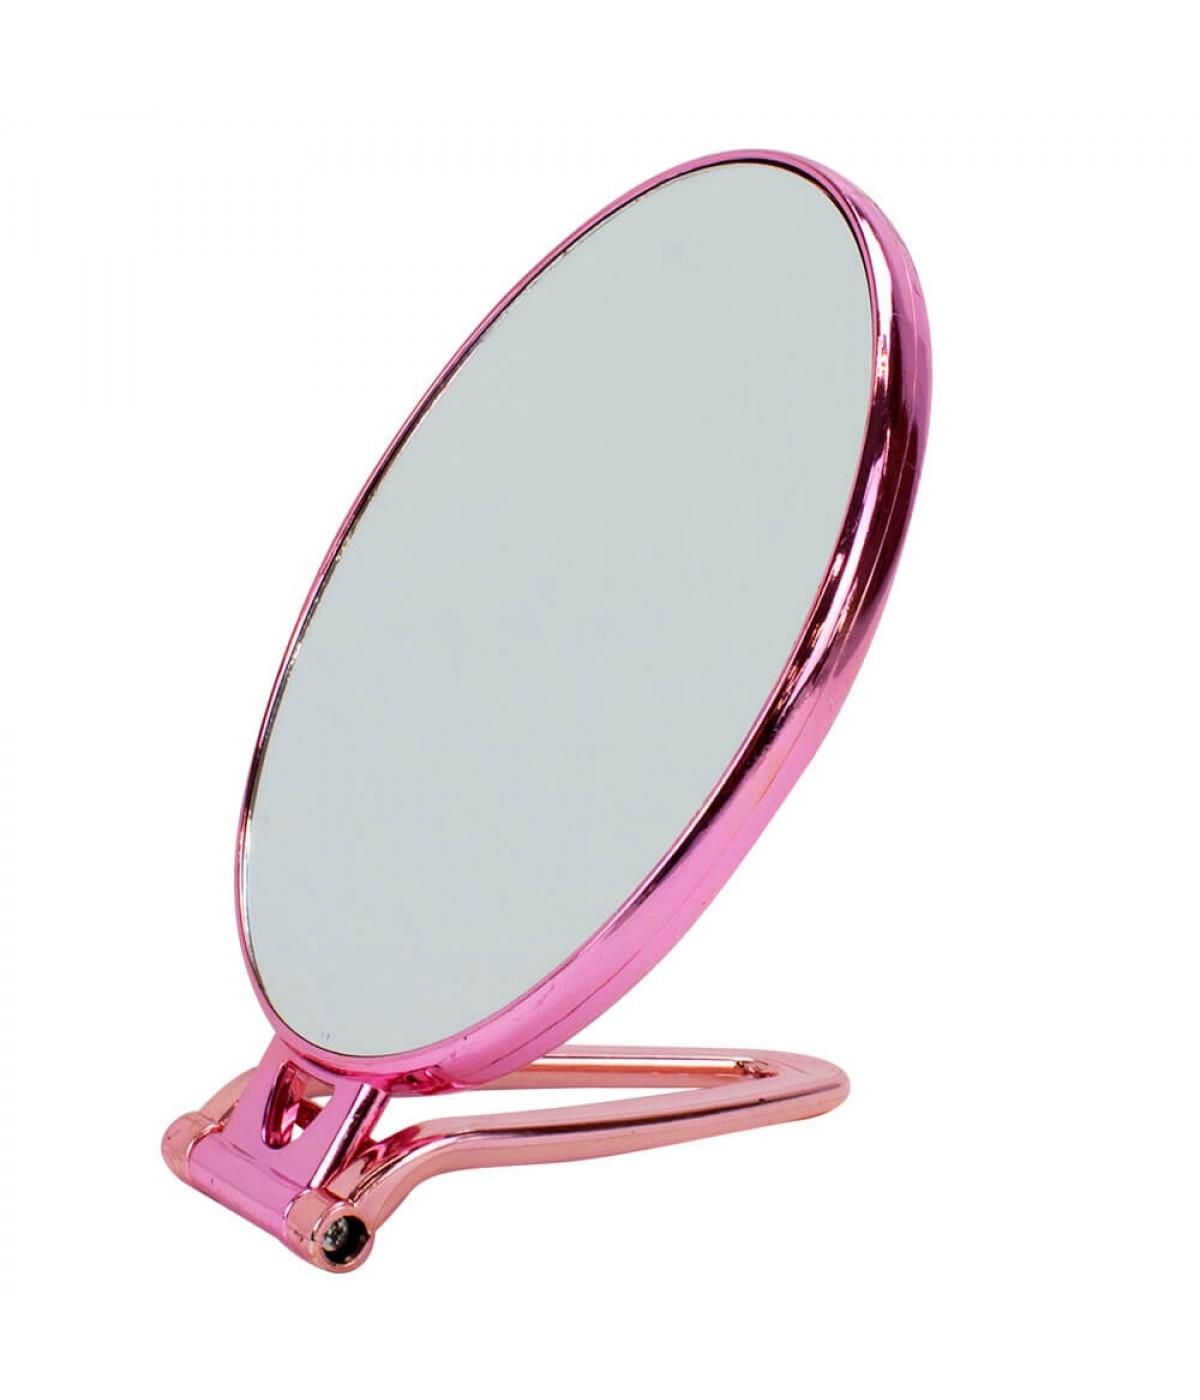 Espelho Oval Pink Dupla Face Mesa Mão 19x13cm